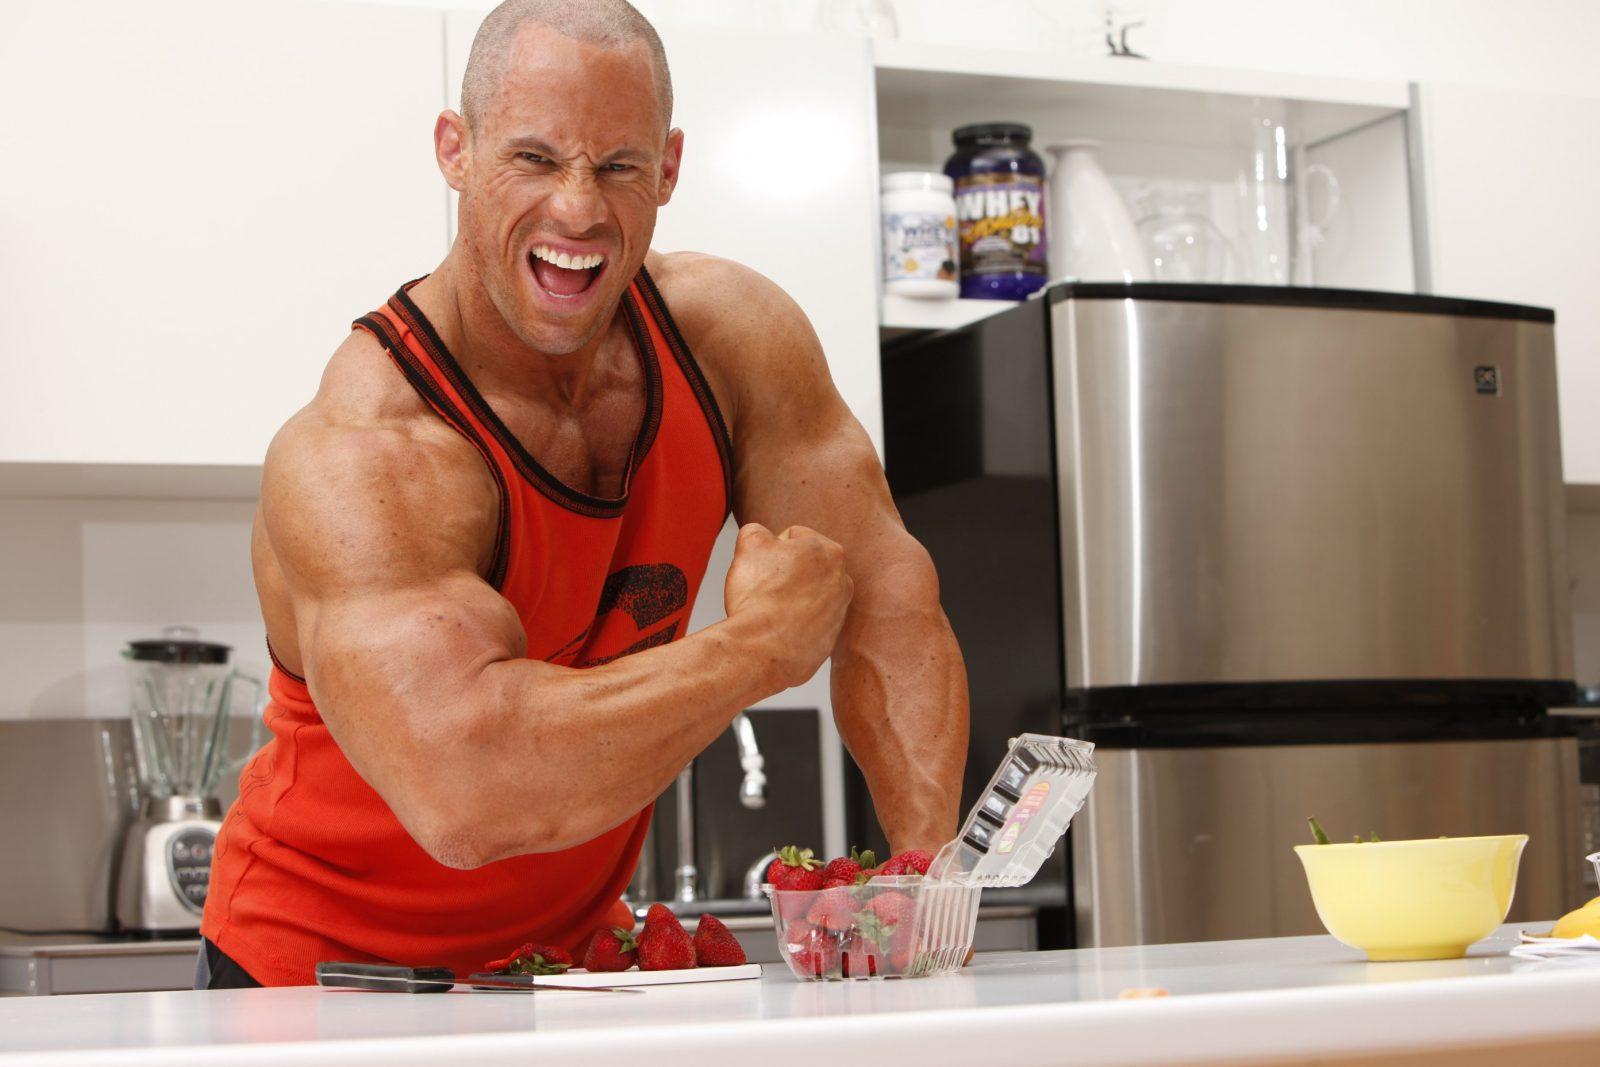 Атлет на кухне в красной майке демонстрирует объем бицепса